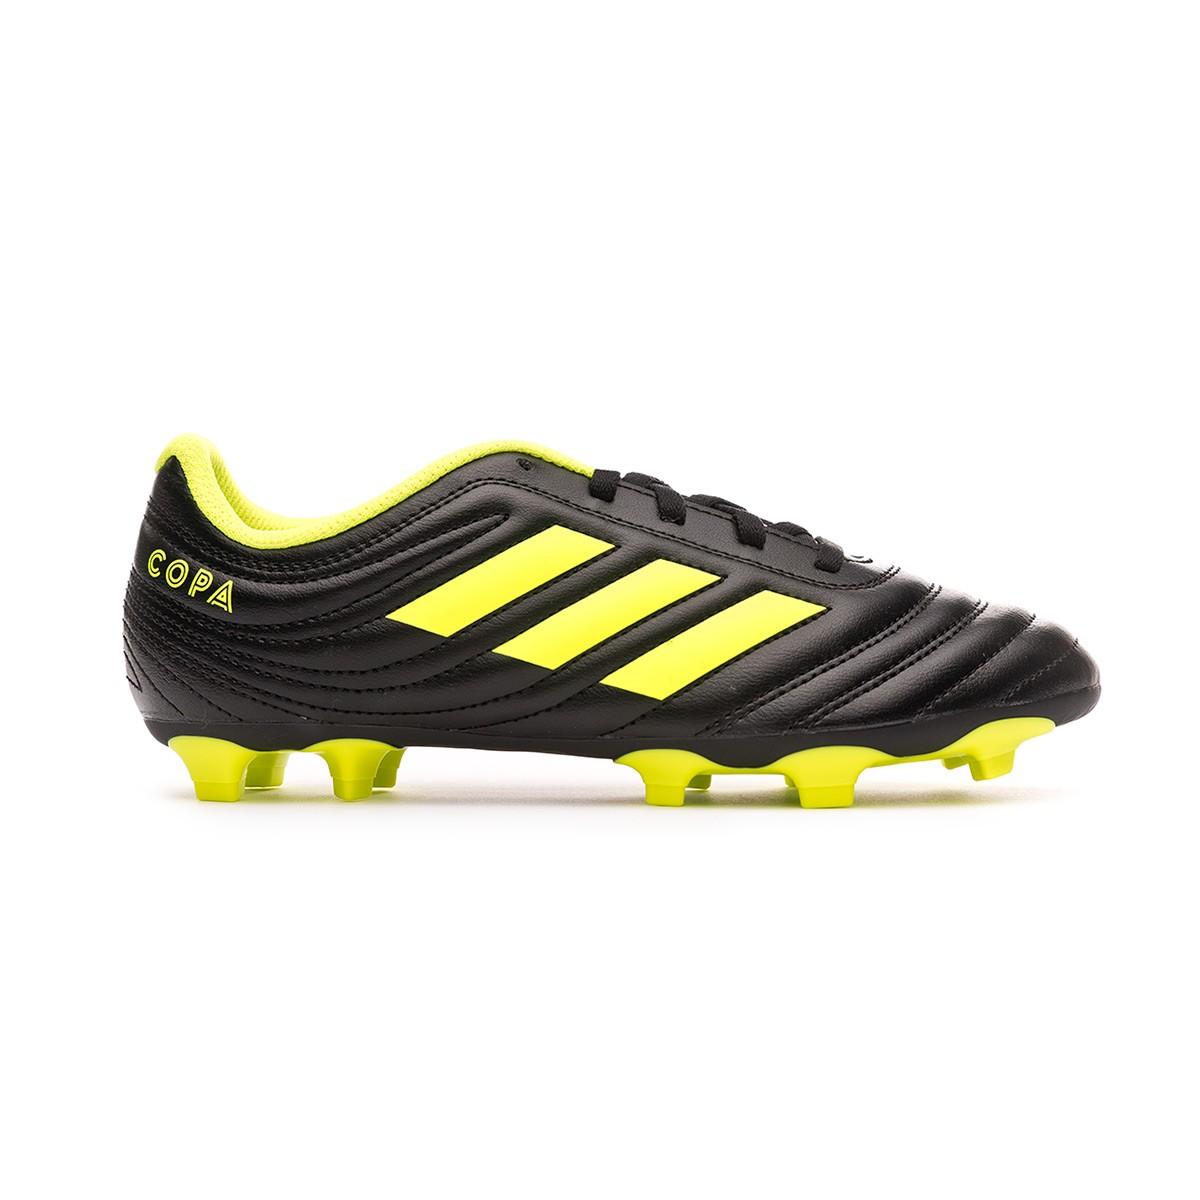 37a715b5410b7 Zapatos de fútbol adidas Copa 19.4 FG Niño Core black-Solar yellow-Core  black - Tienda de fútbol Fútbol Emotion